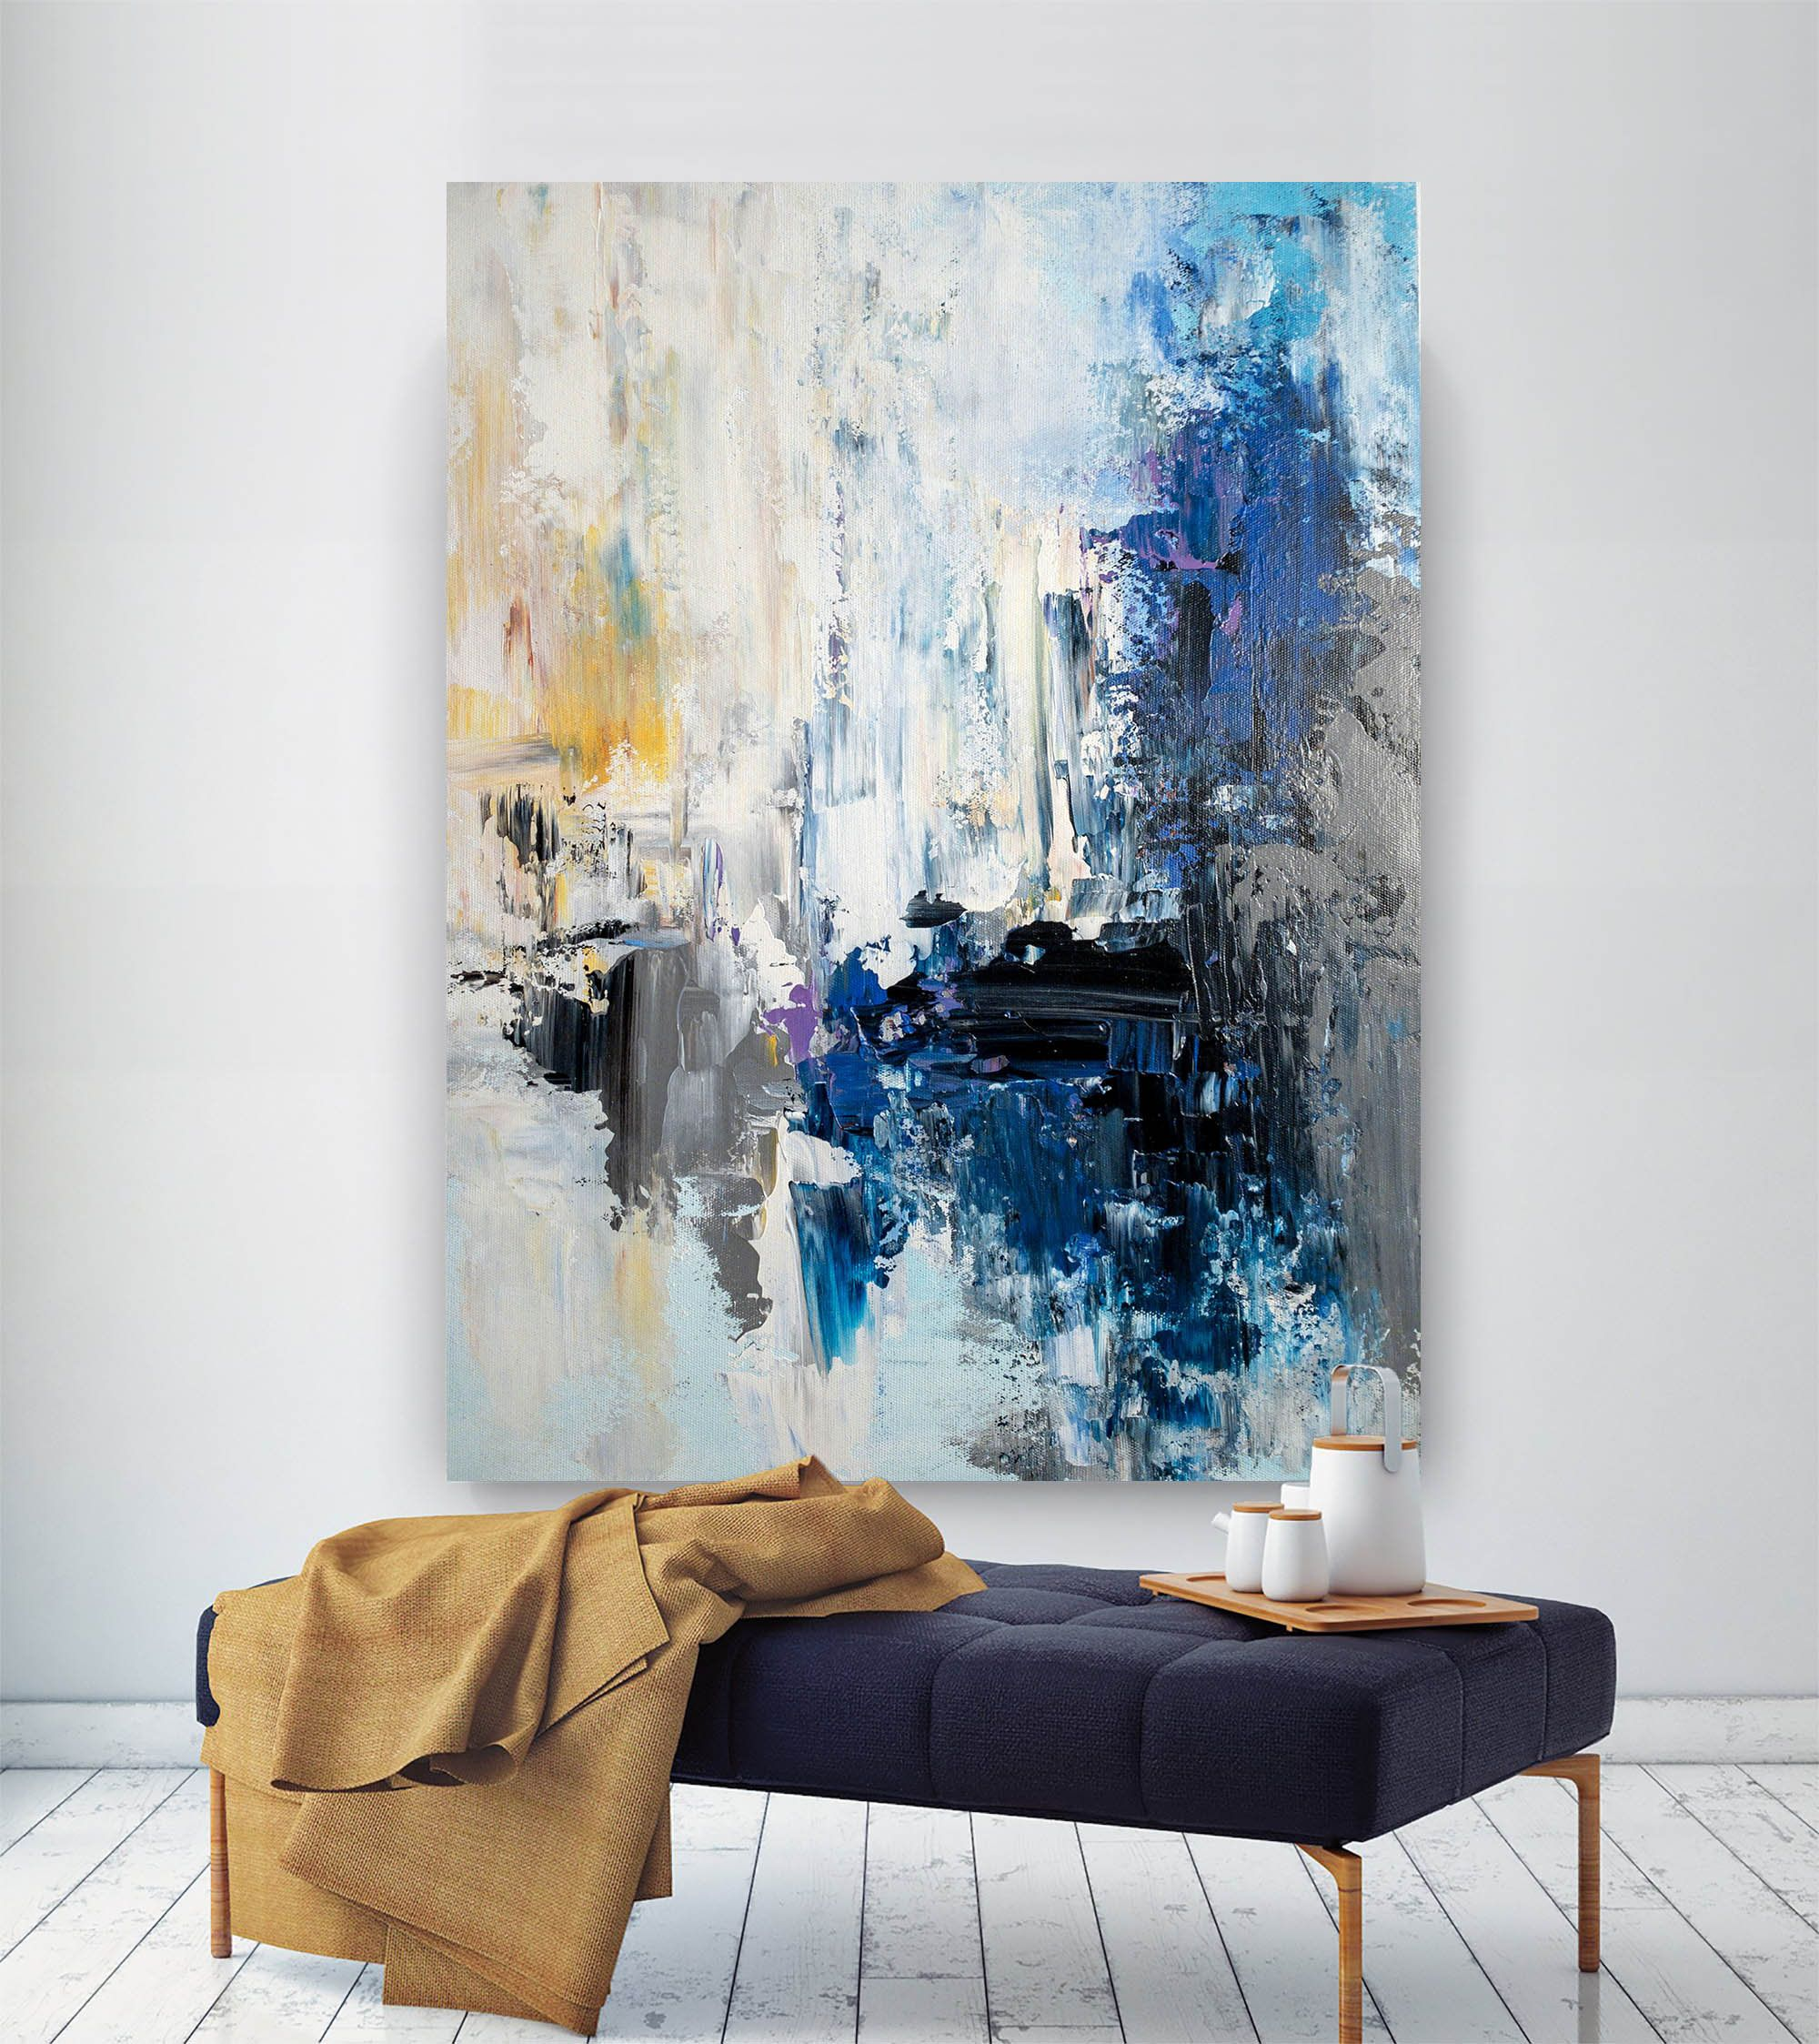 Large Abstract Wall Artoriginal Abstract Wall Artoriginal Etsy Large Abstract Wall Art Modern Abstract Painting Abstract Wall Art